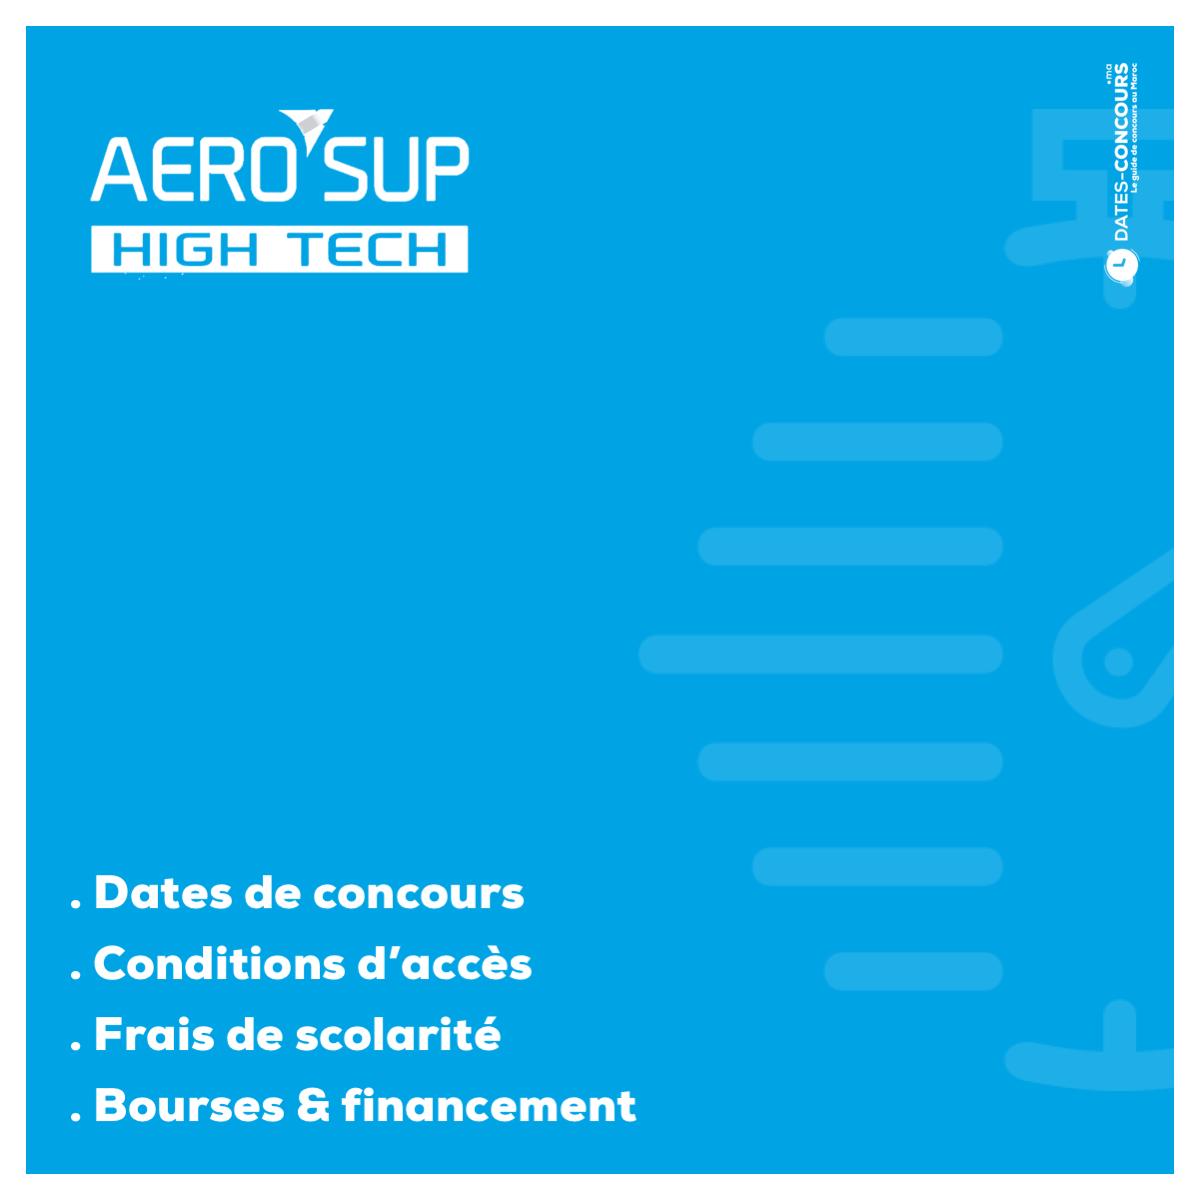 AERO SUP - Dates-concours.ma